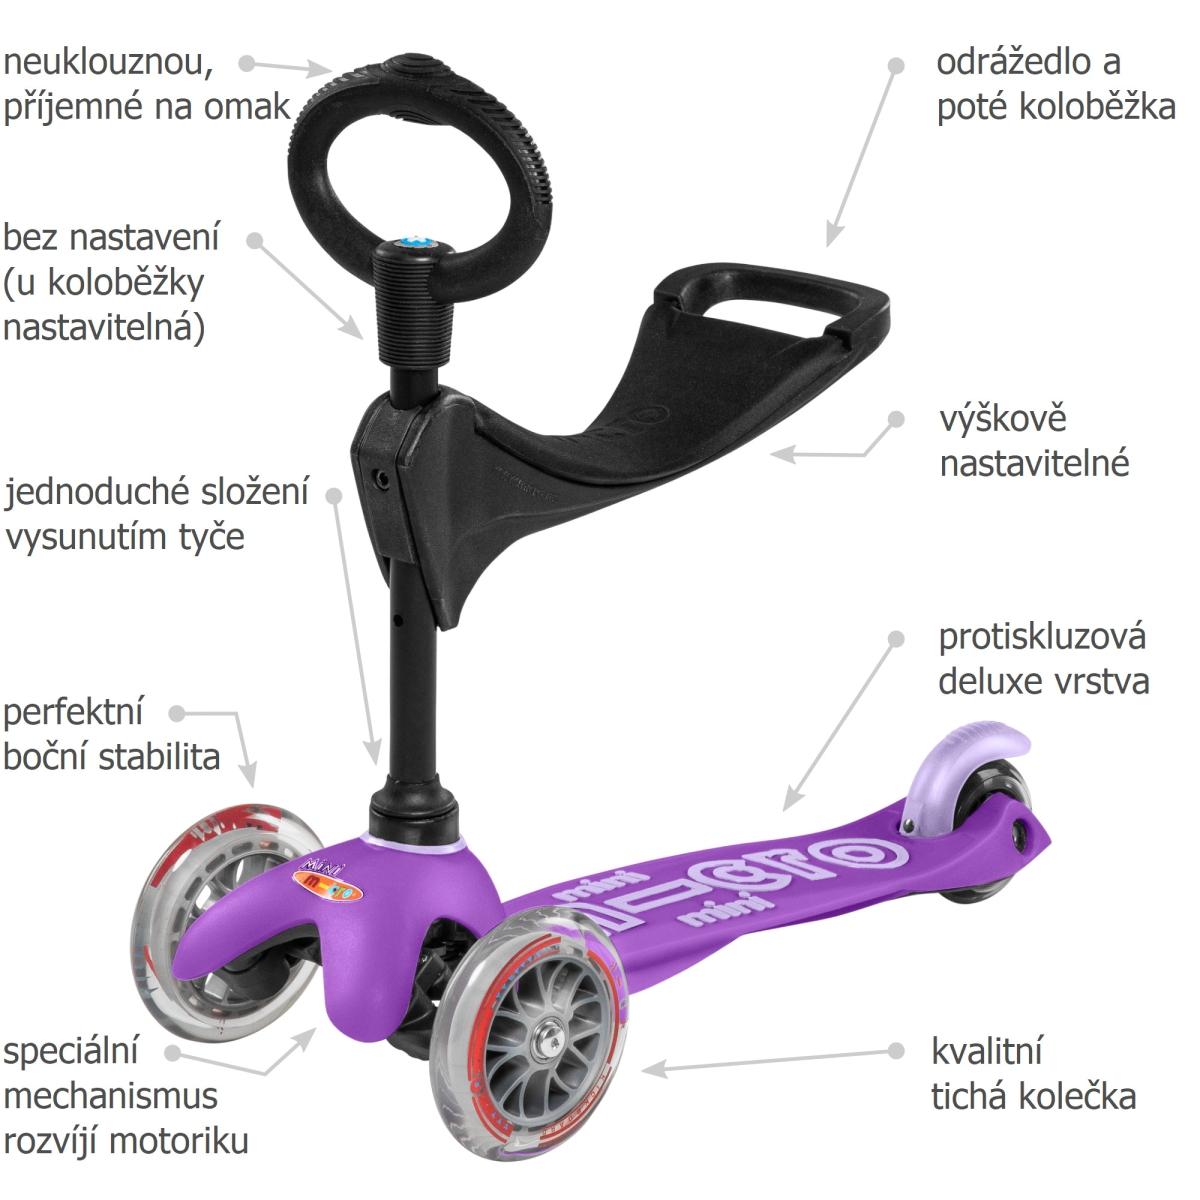 Mini Micro Deluxe 3v1 Purple - 02